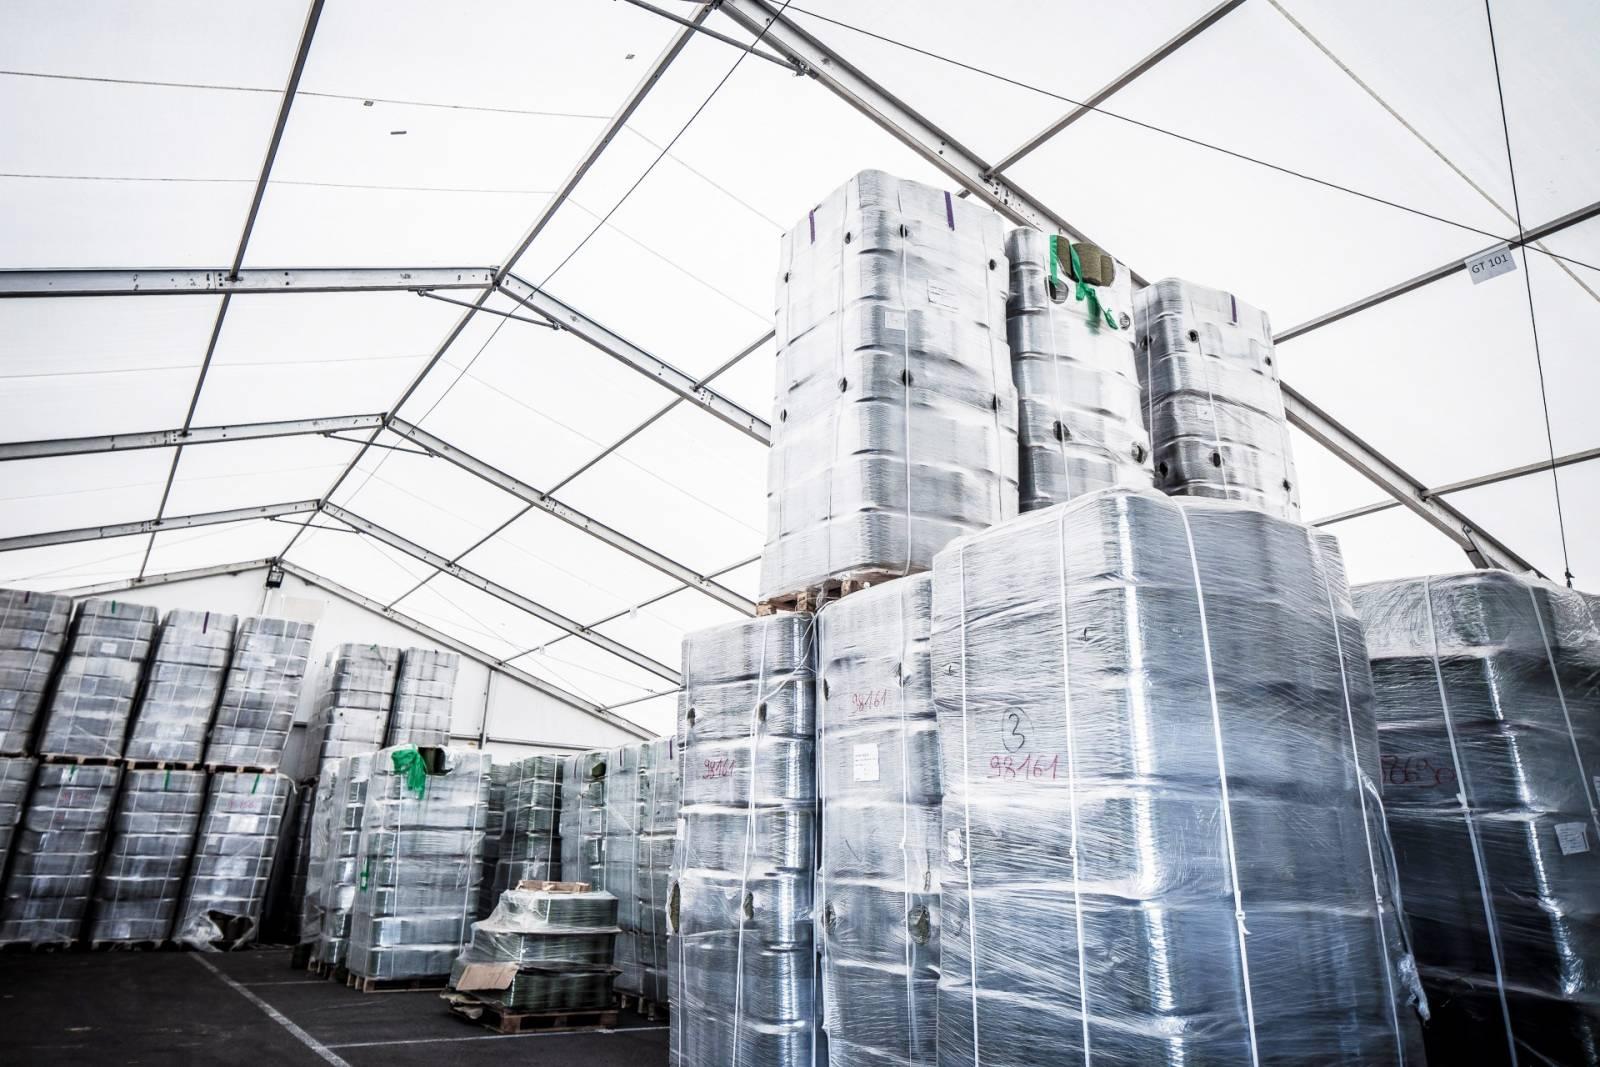 Tentmoment - Feesttent - Tent Event - Verhuur Tenten - House of Events - 48